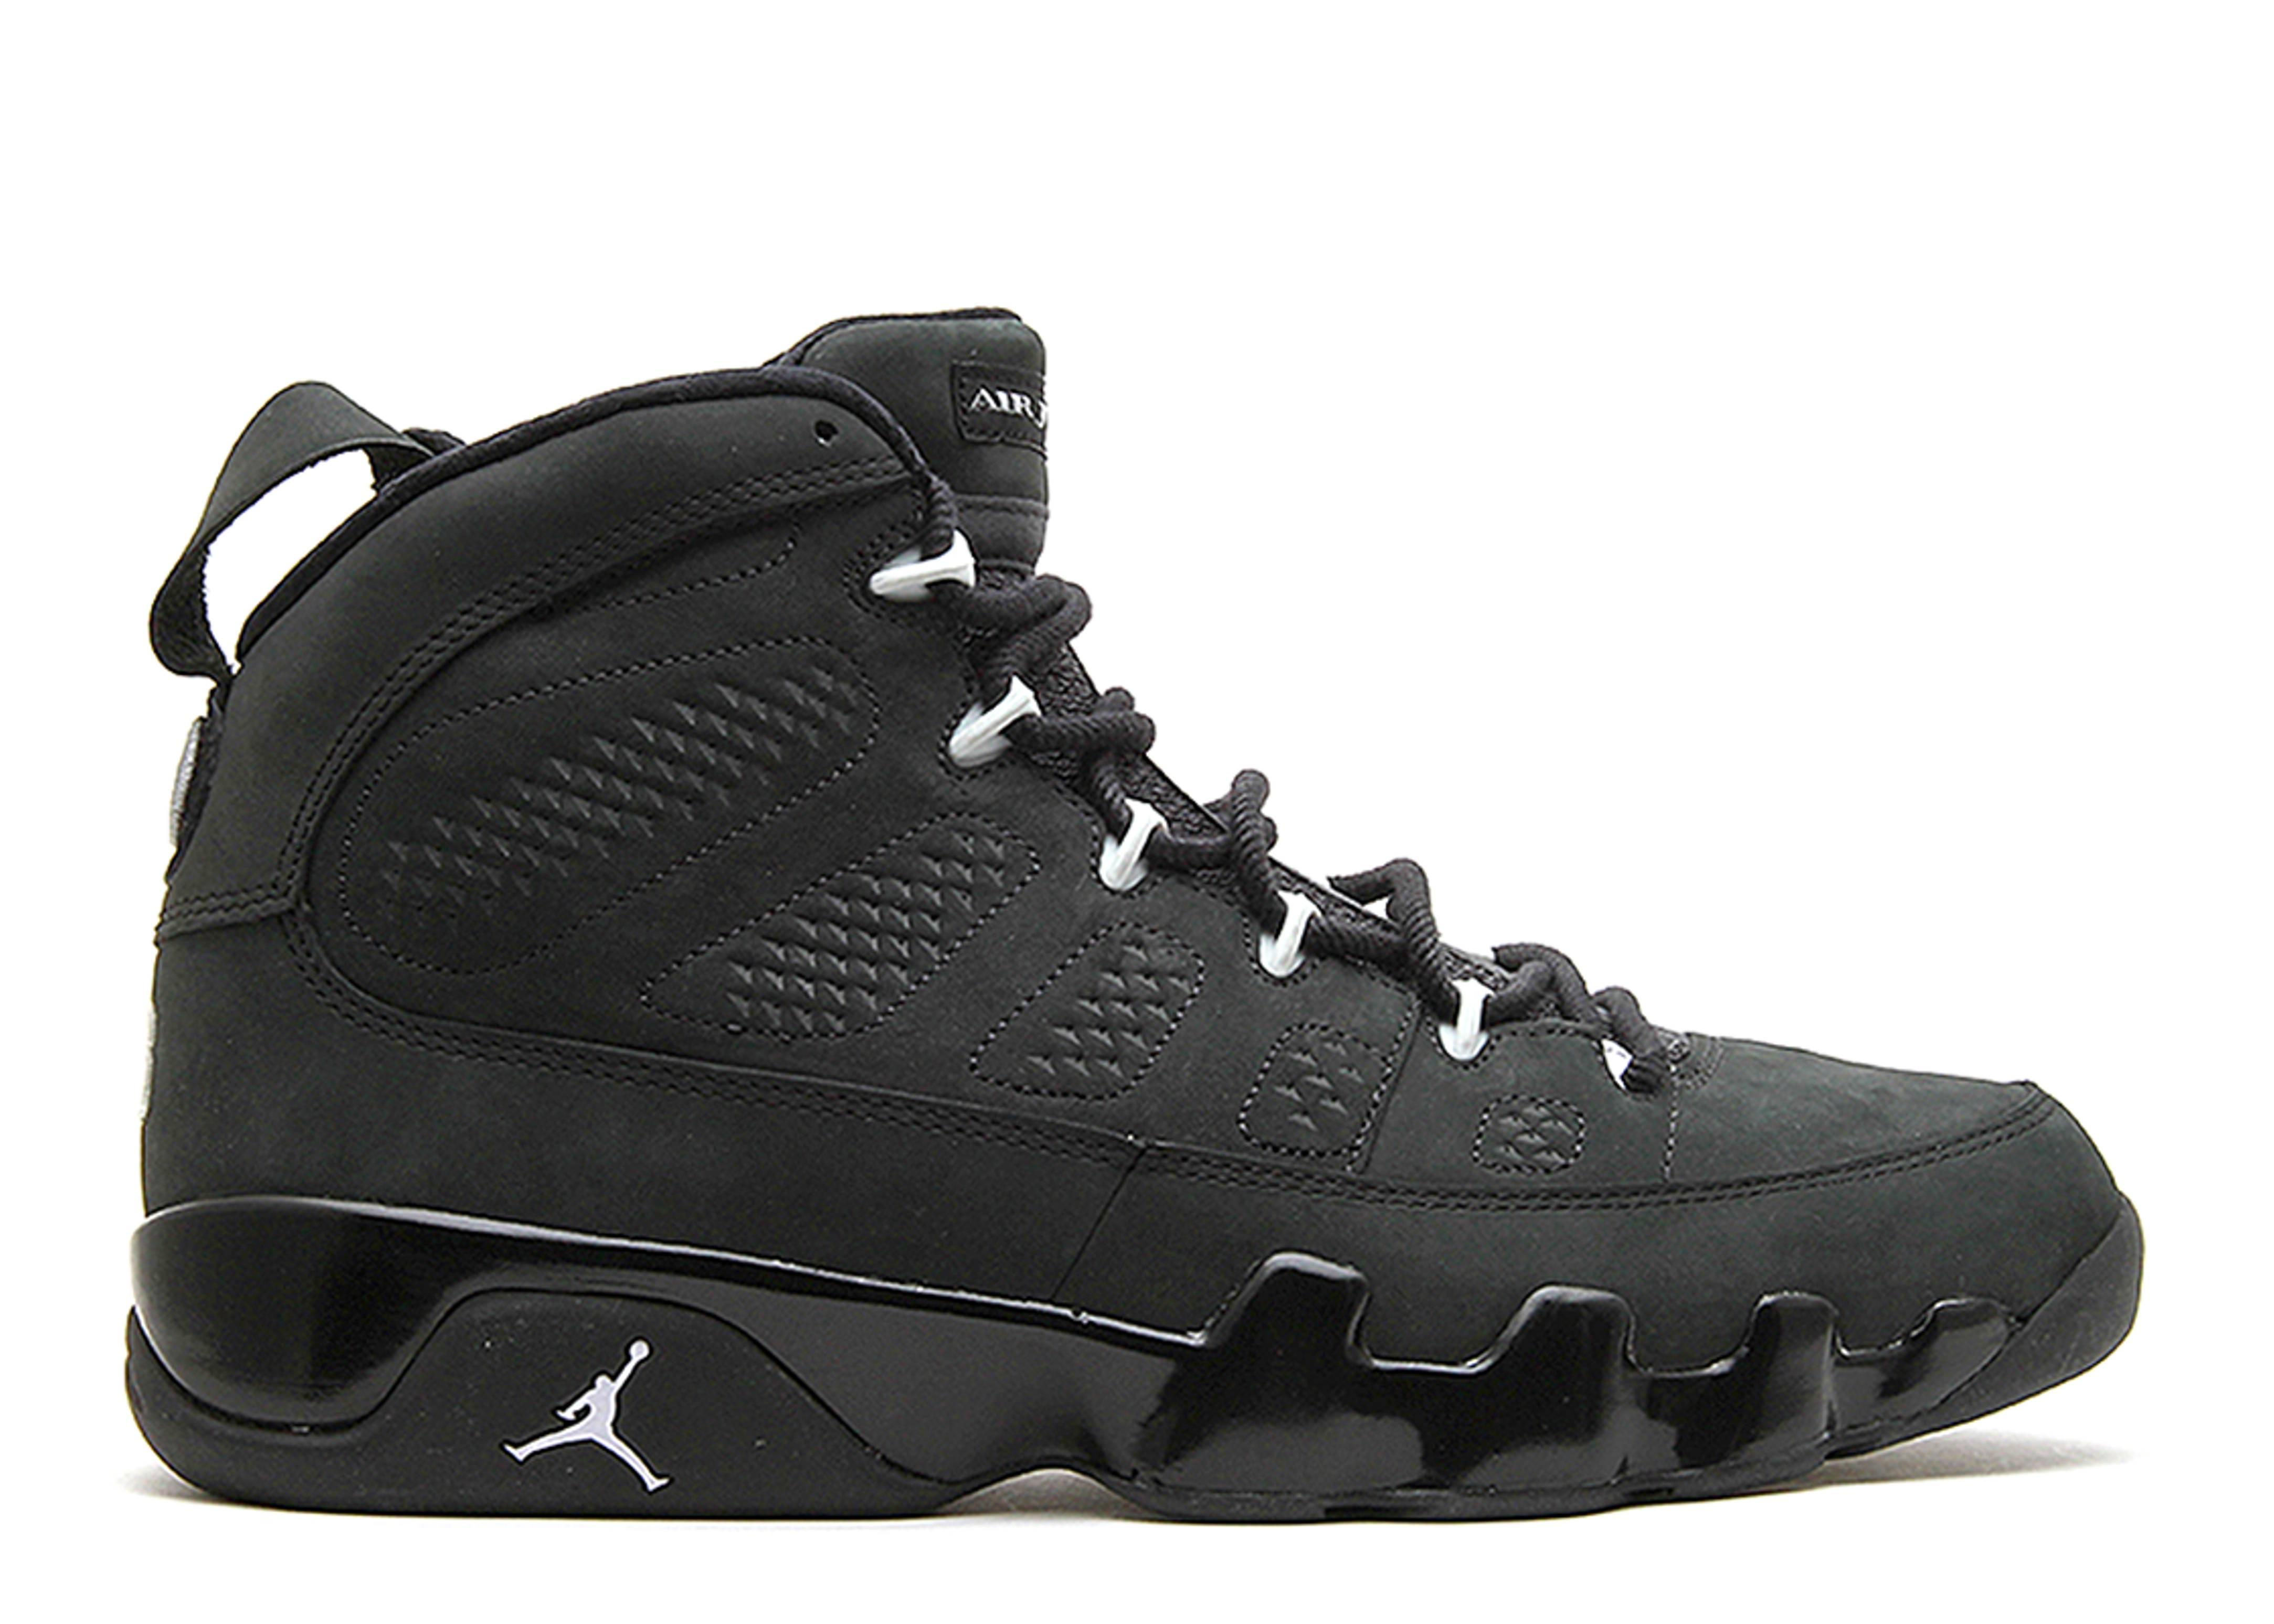 7d41884e62b0 Air Jordan 9 Retro